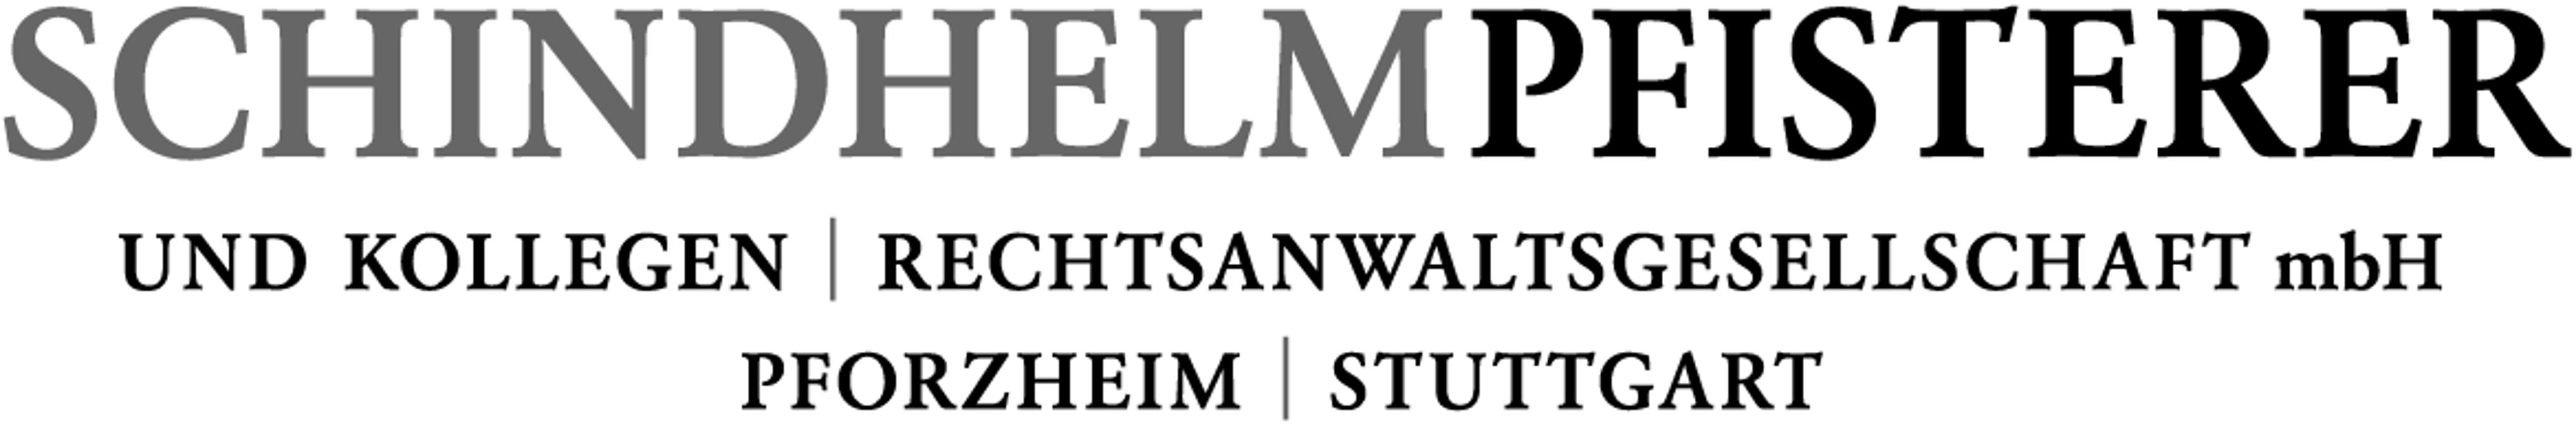 Bild zu SCHINDHELM PFISTERER UND KOLLEGEN RECHTSANWALTSGESELLSCHAFT mbH in Pforzheim